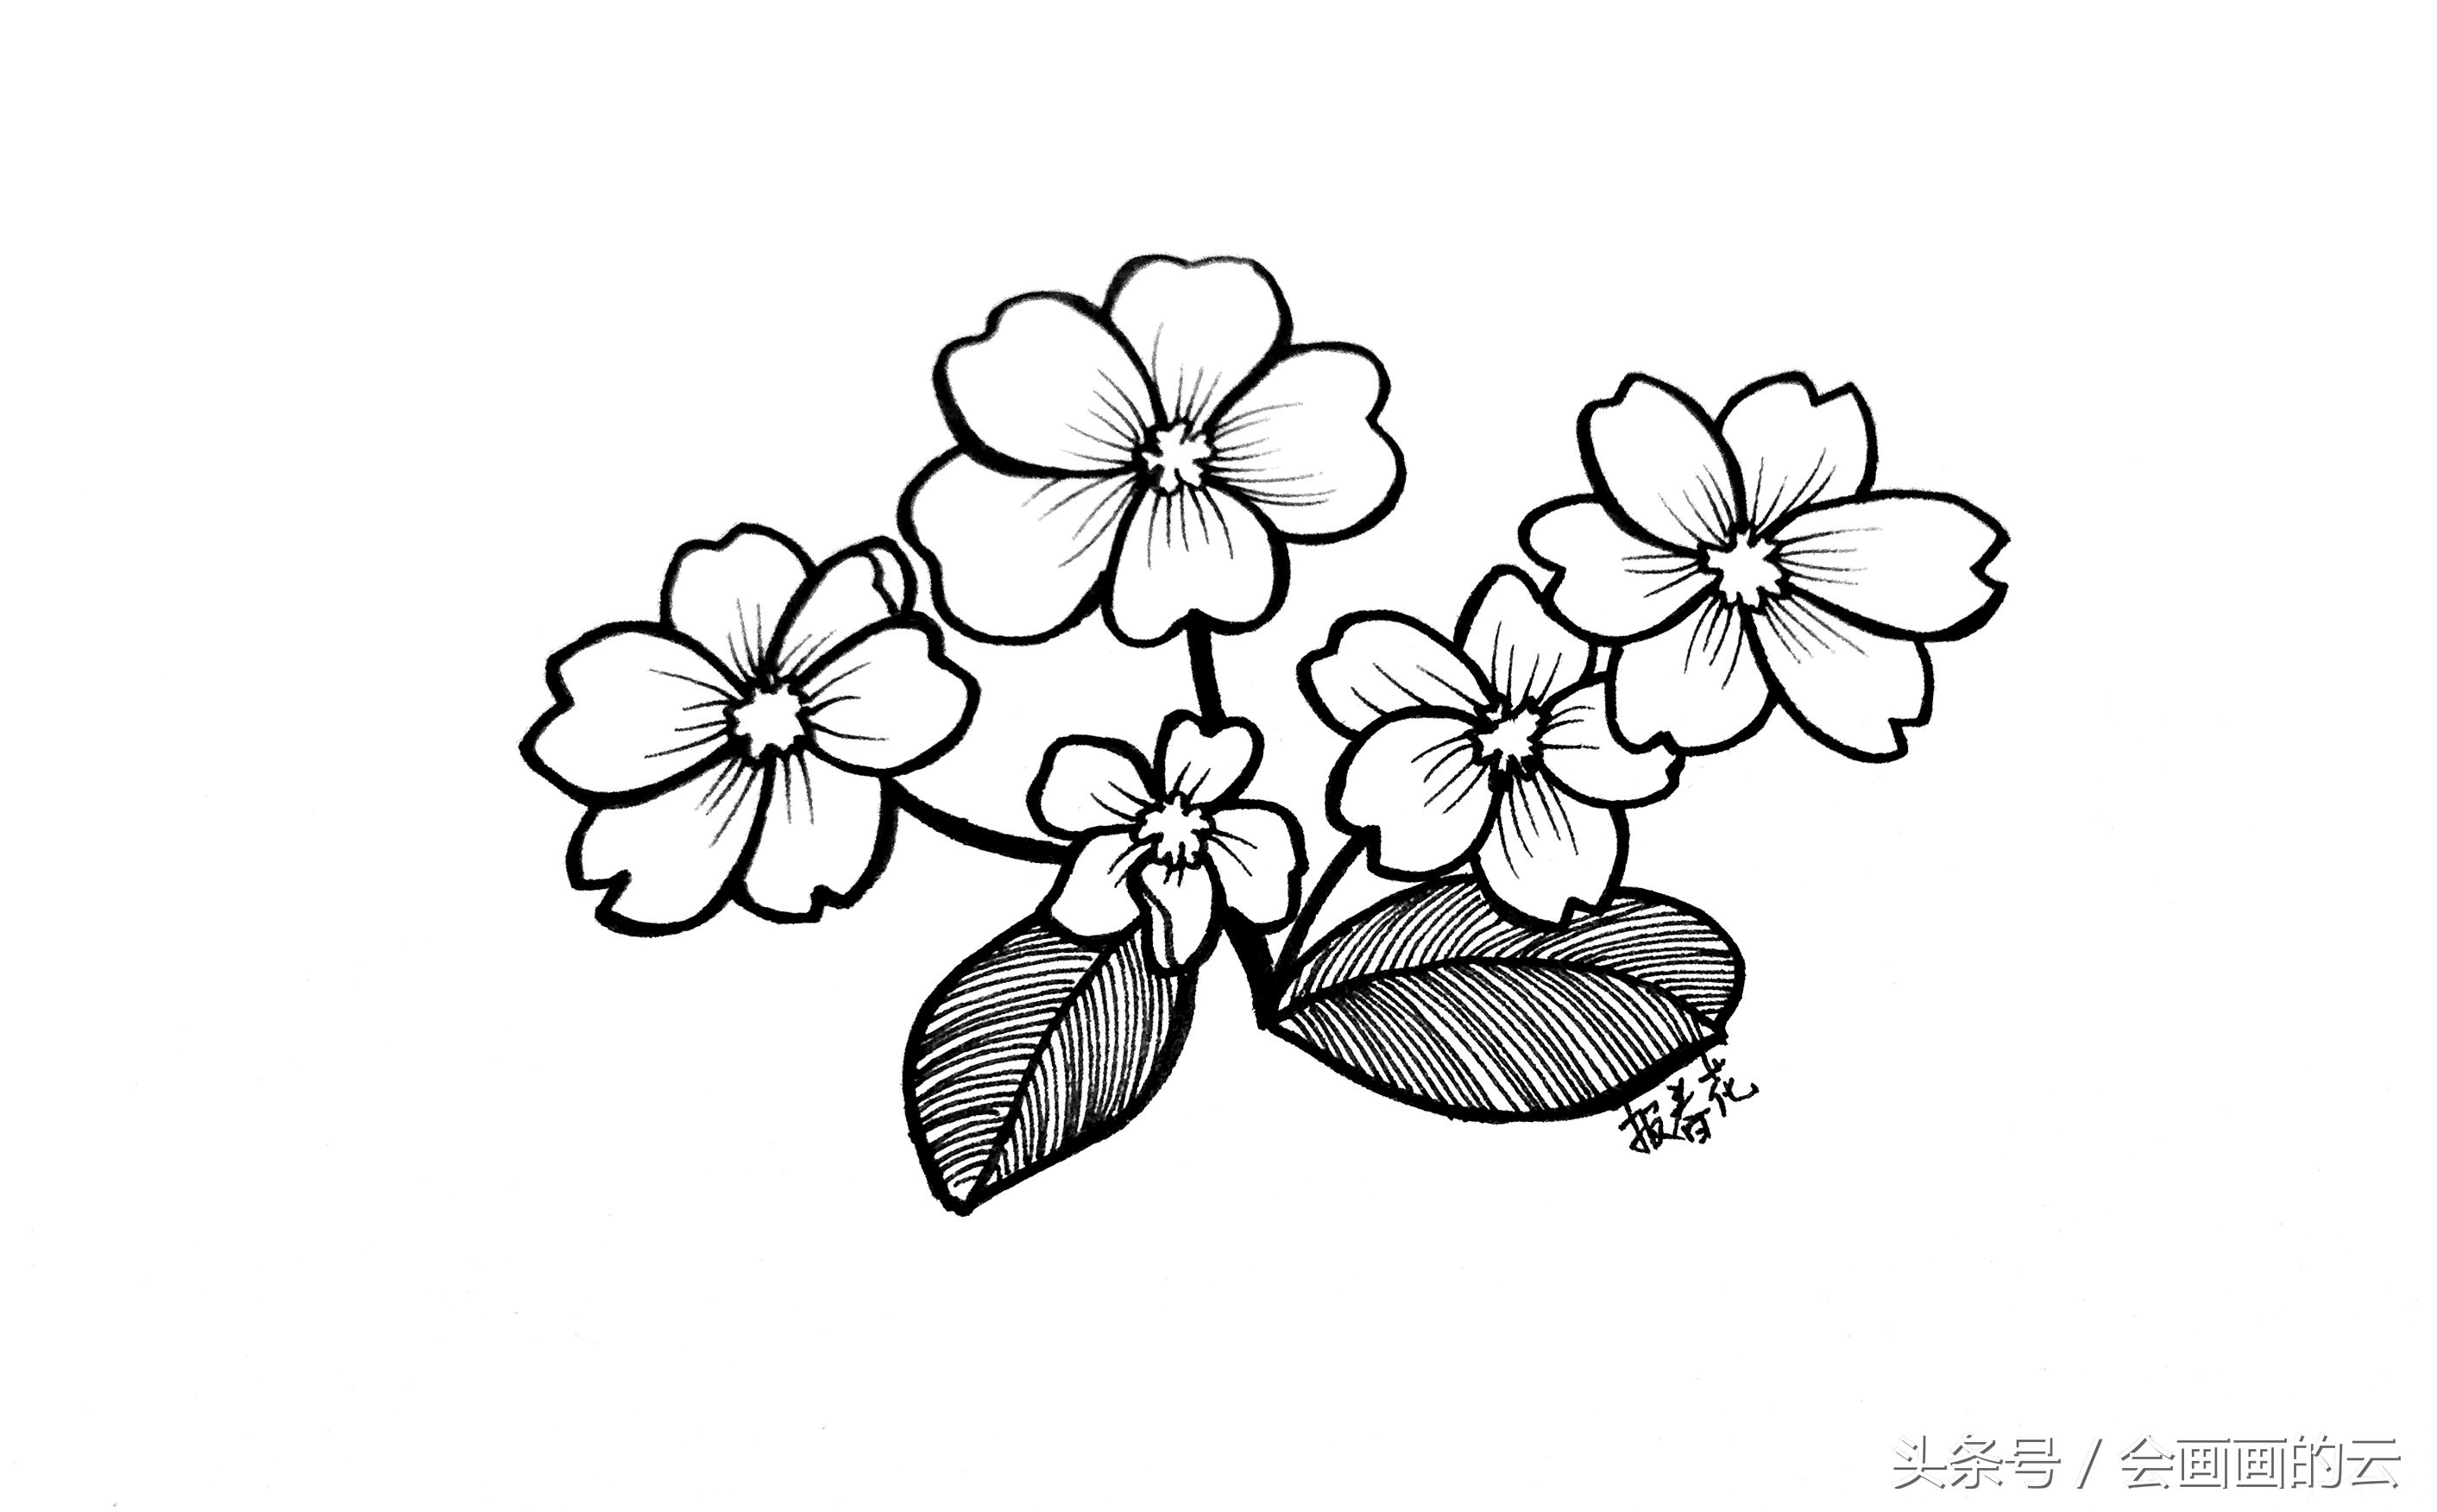 简笔画入门植物线描手绘图,一起画起来吧!-北京时间